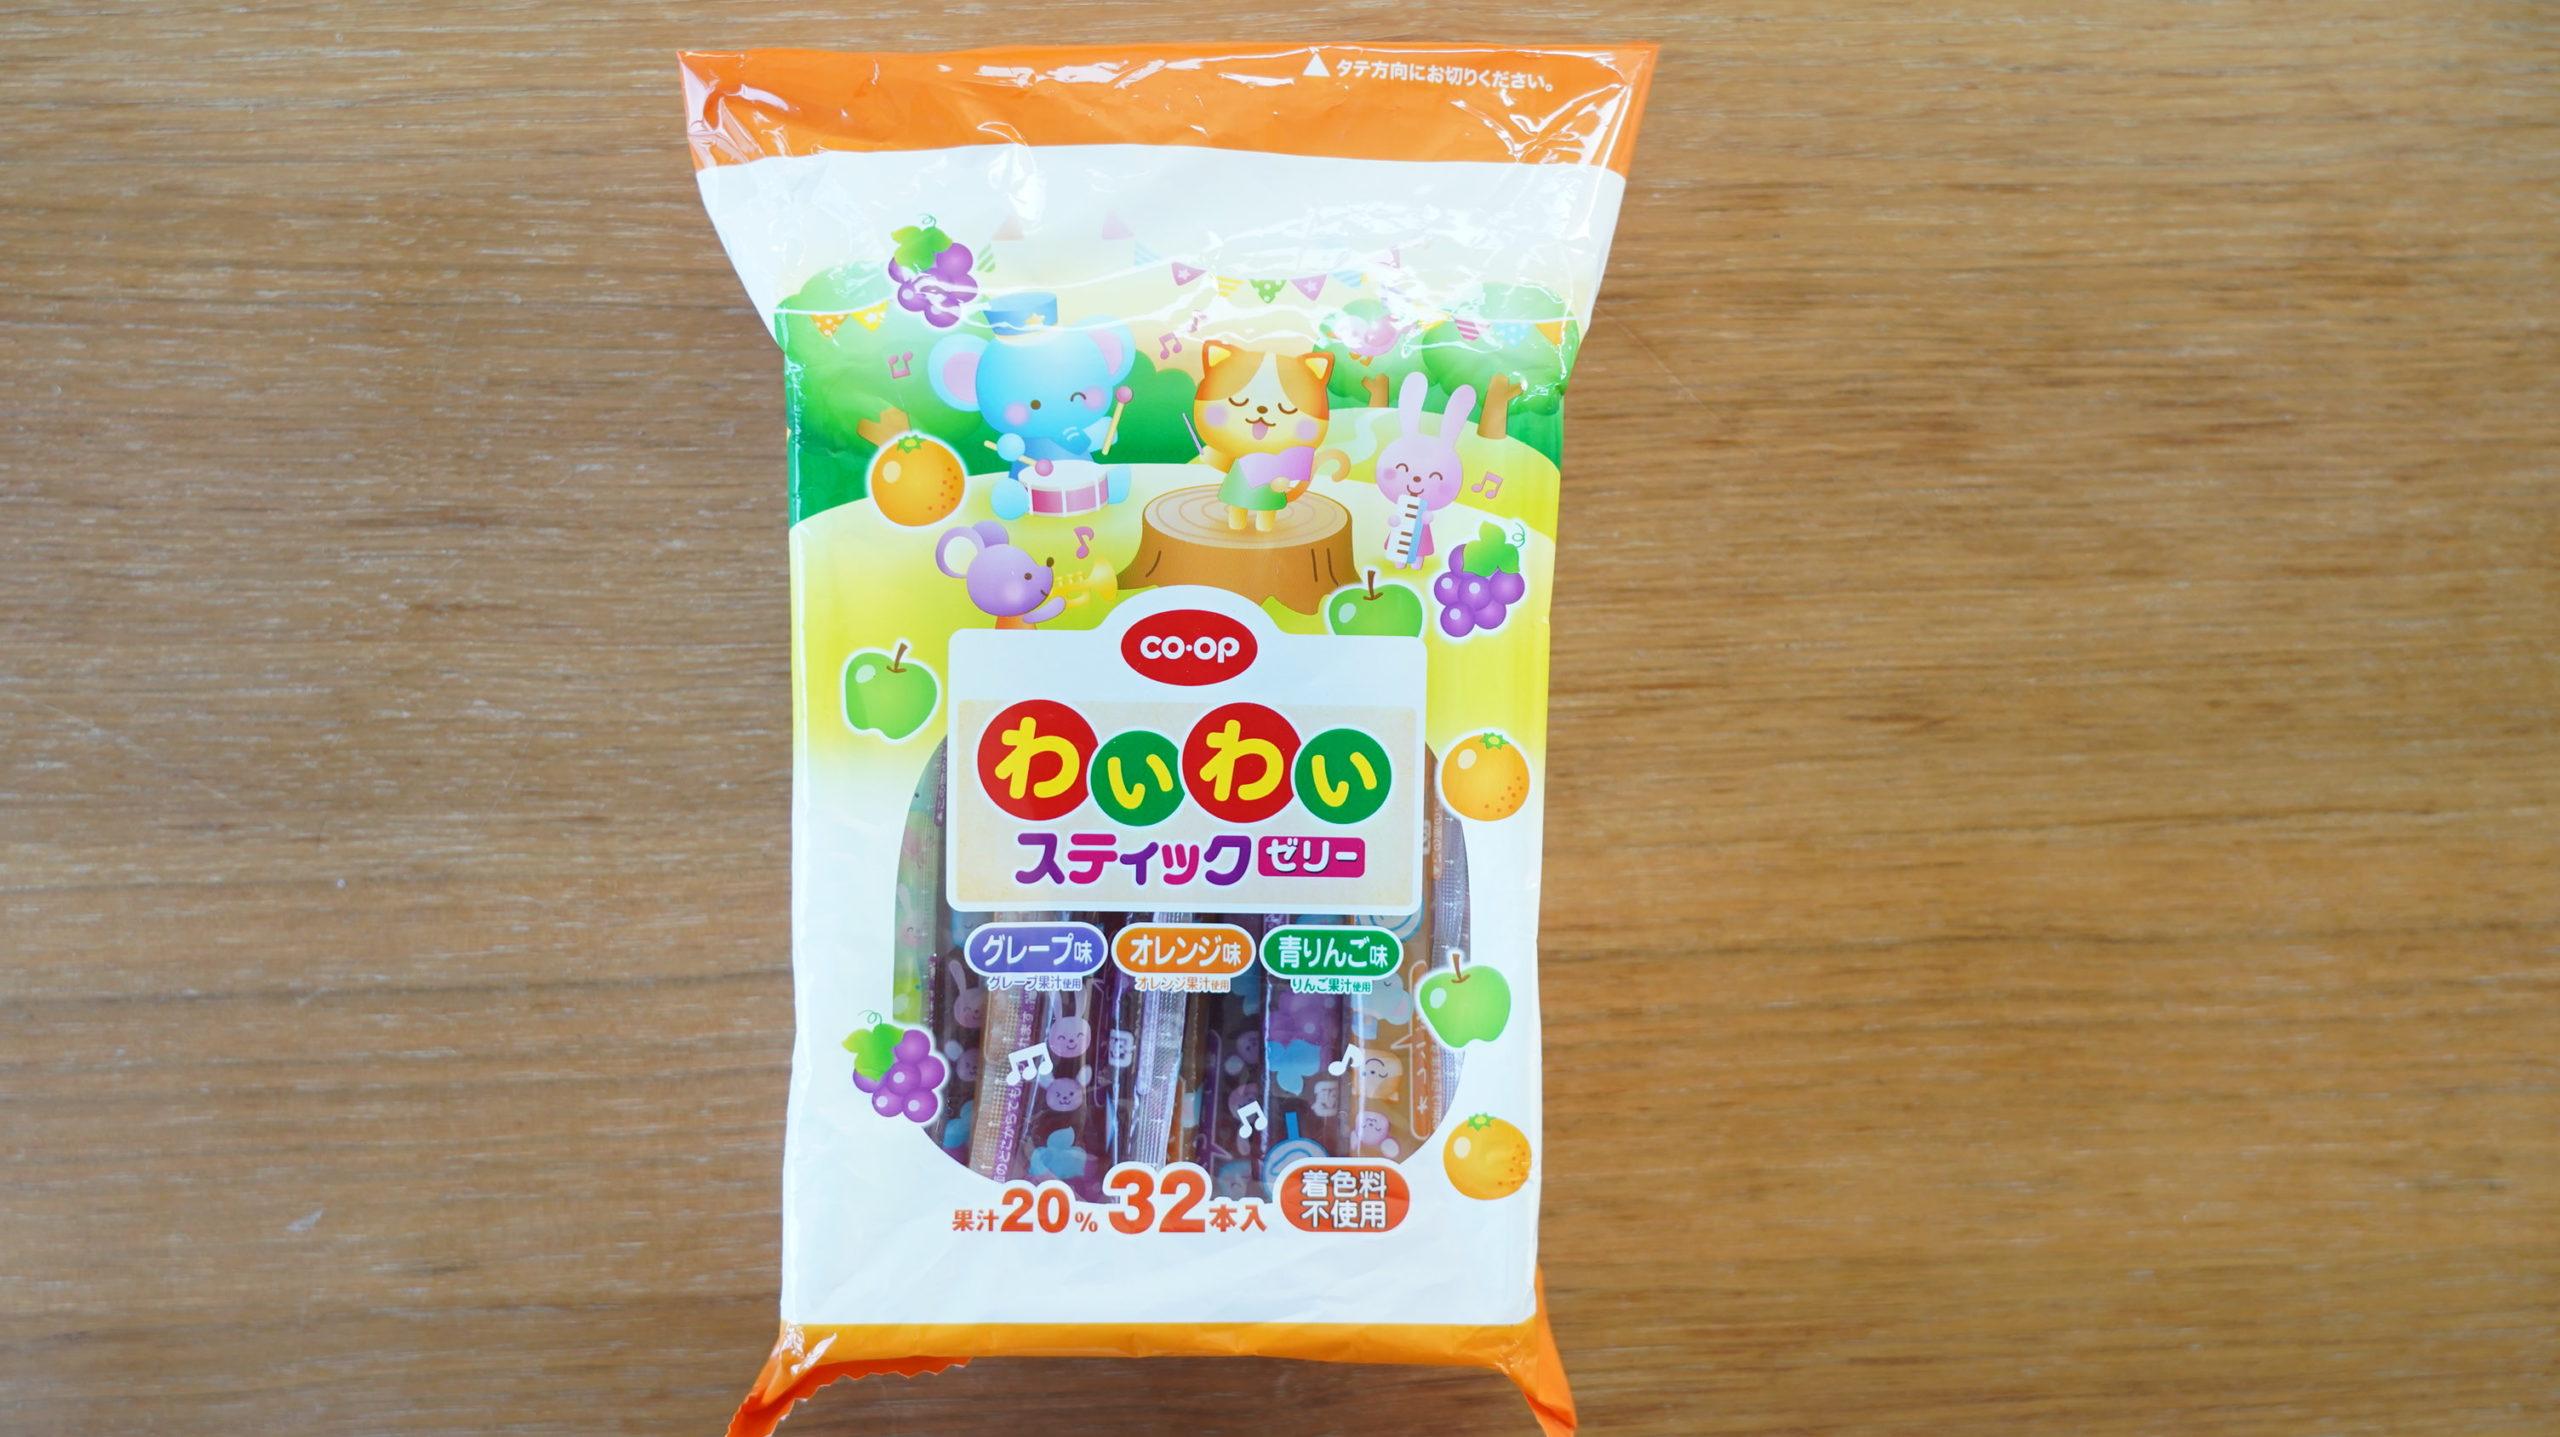 生協の宅配「おうちコープ」のわいわいスティックゼリーのパッケージ写真